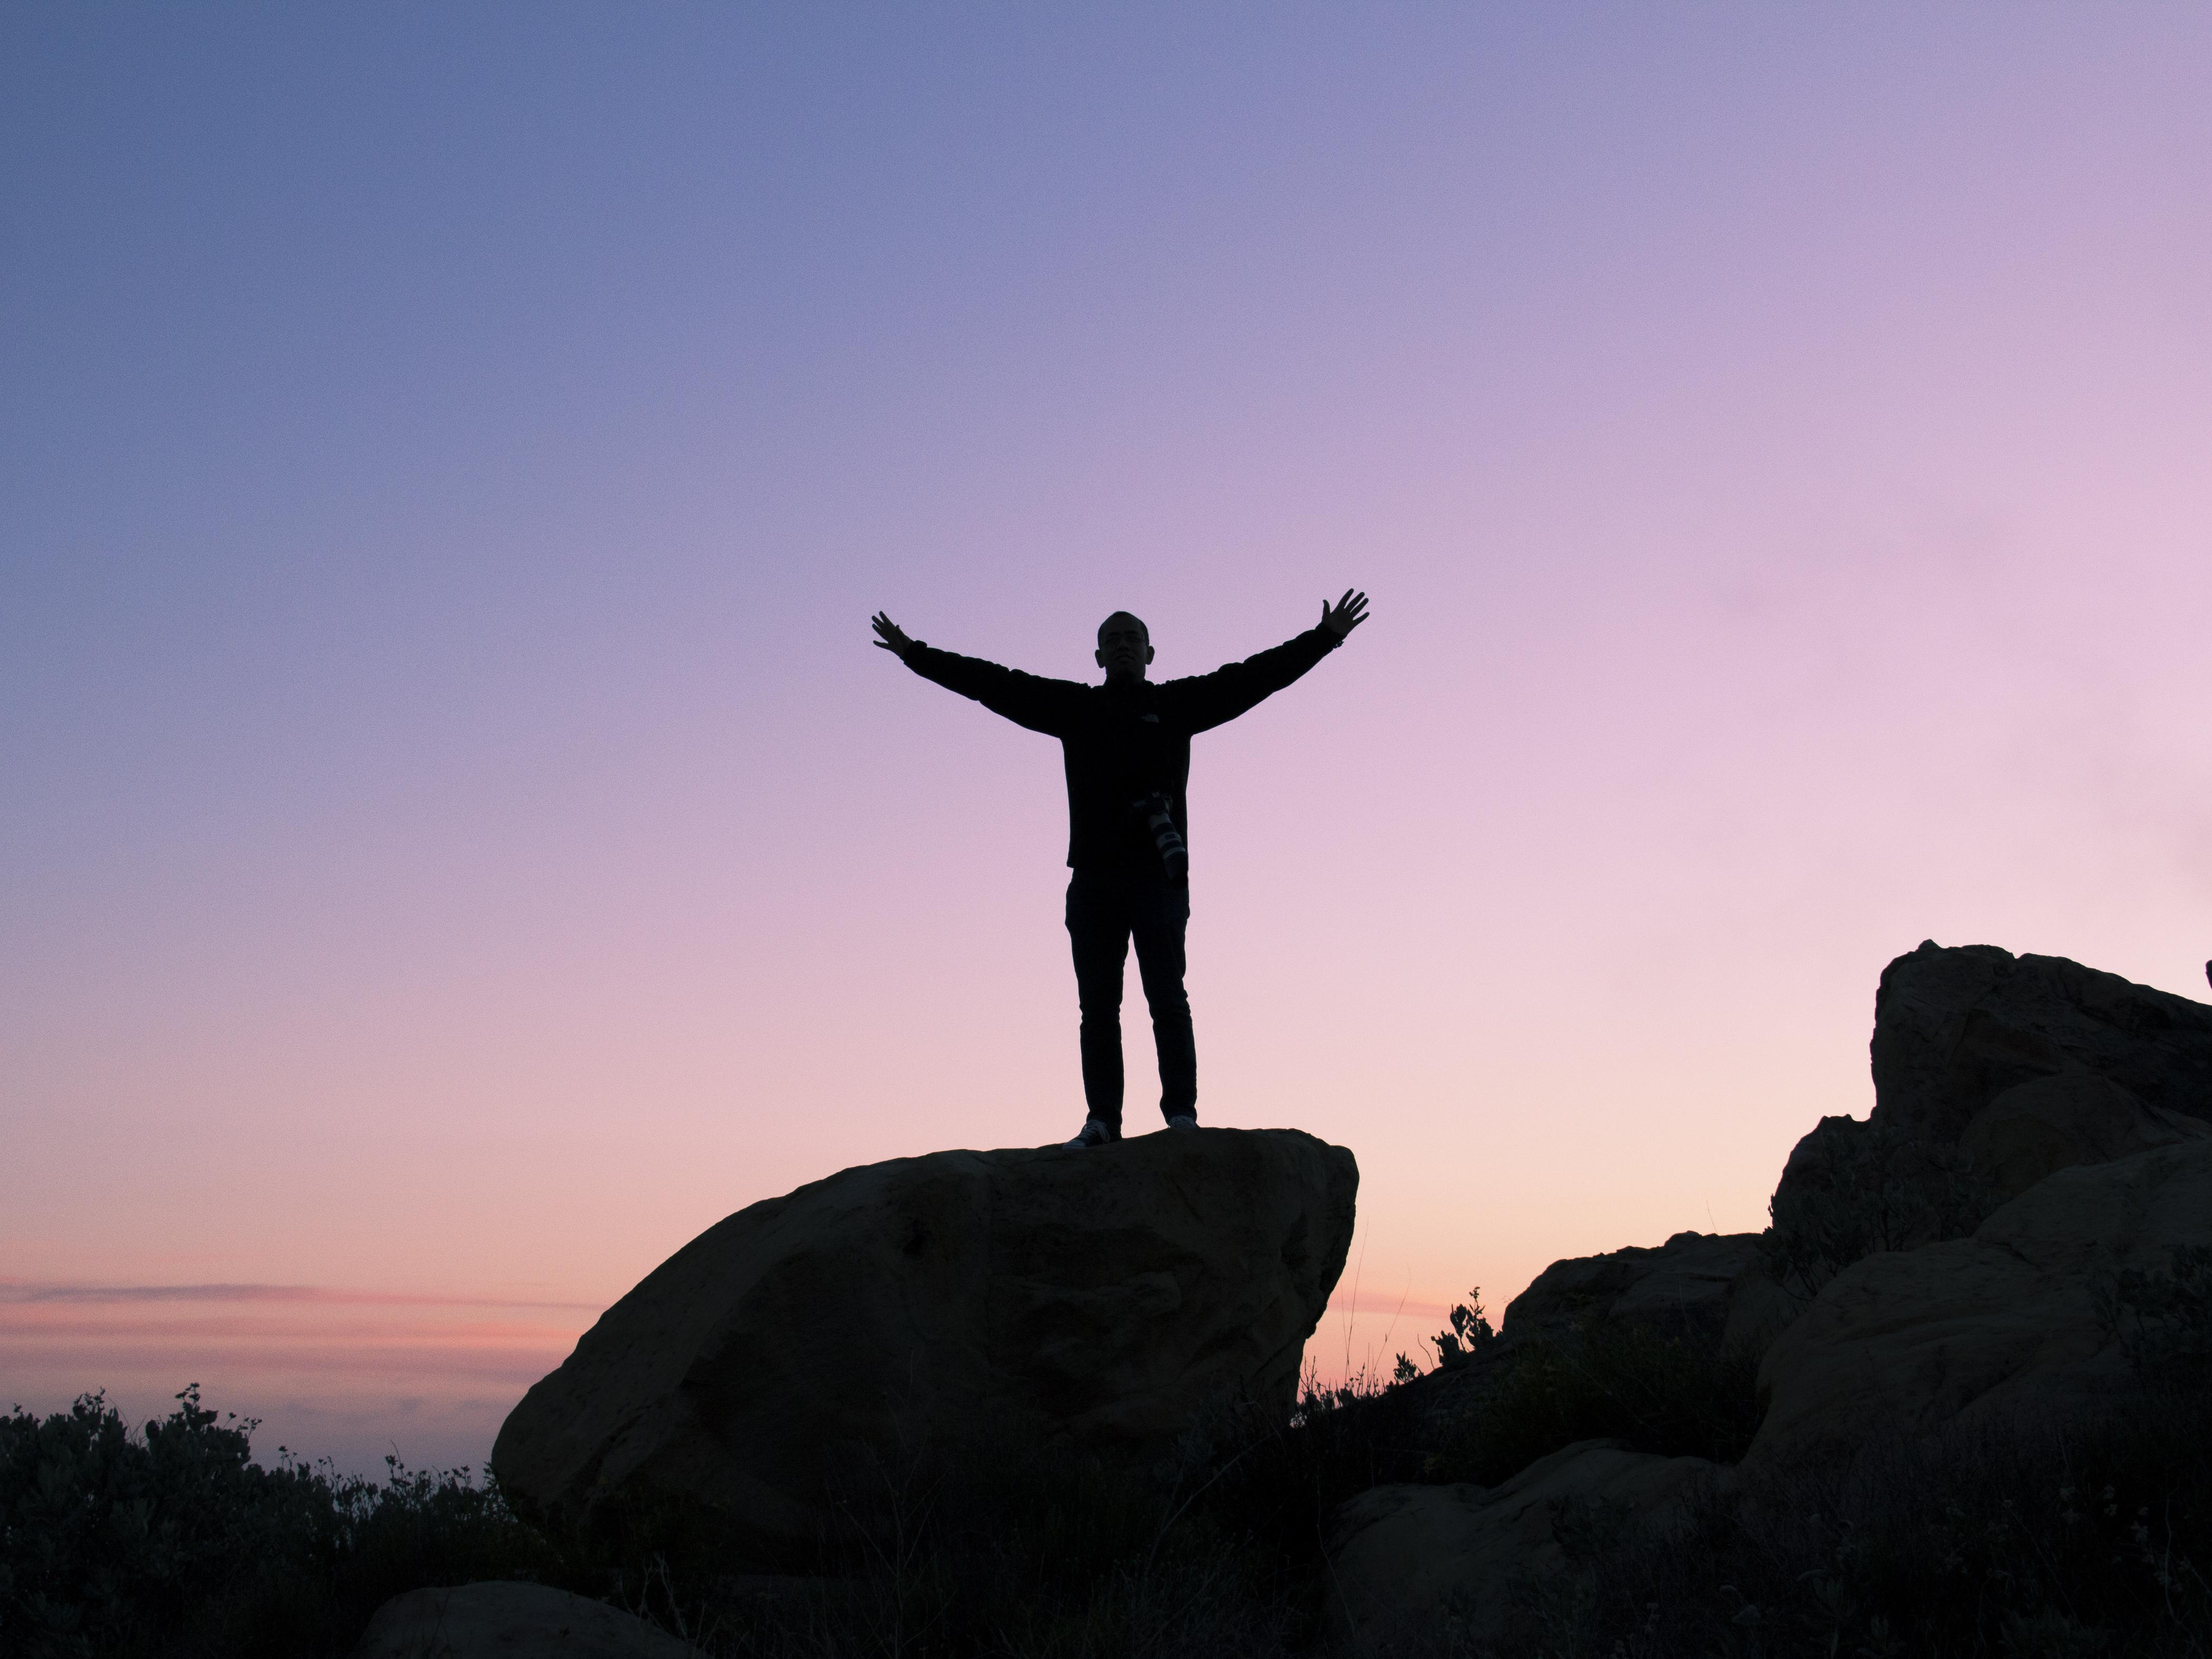 O-que-é-Wanderlust-e-a-resposta-ao-desafio-da-tag O que é Wanderlust e a resposta ao desafio!